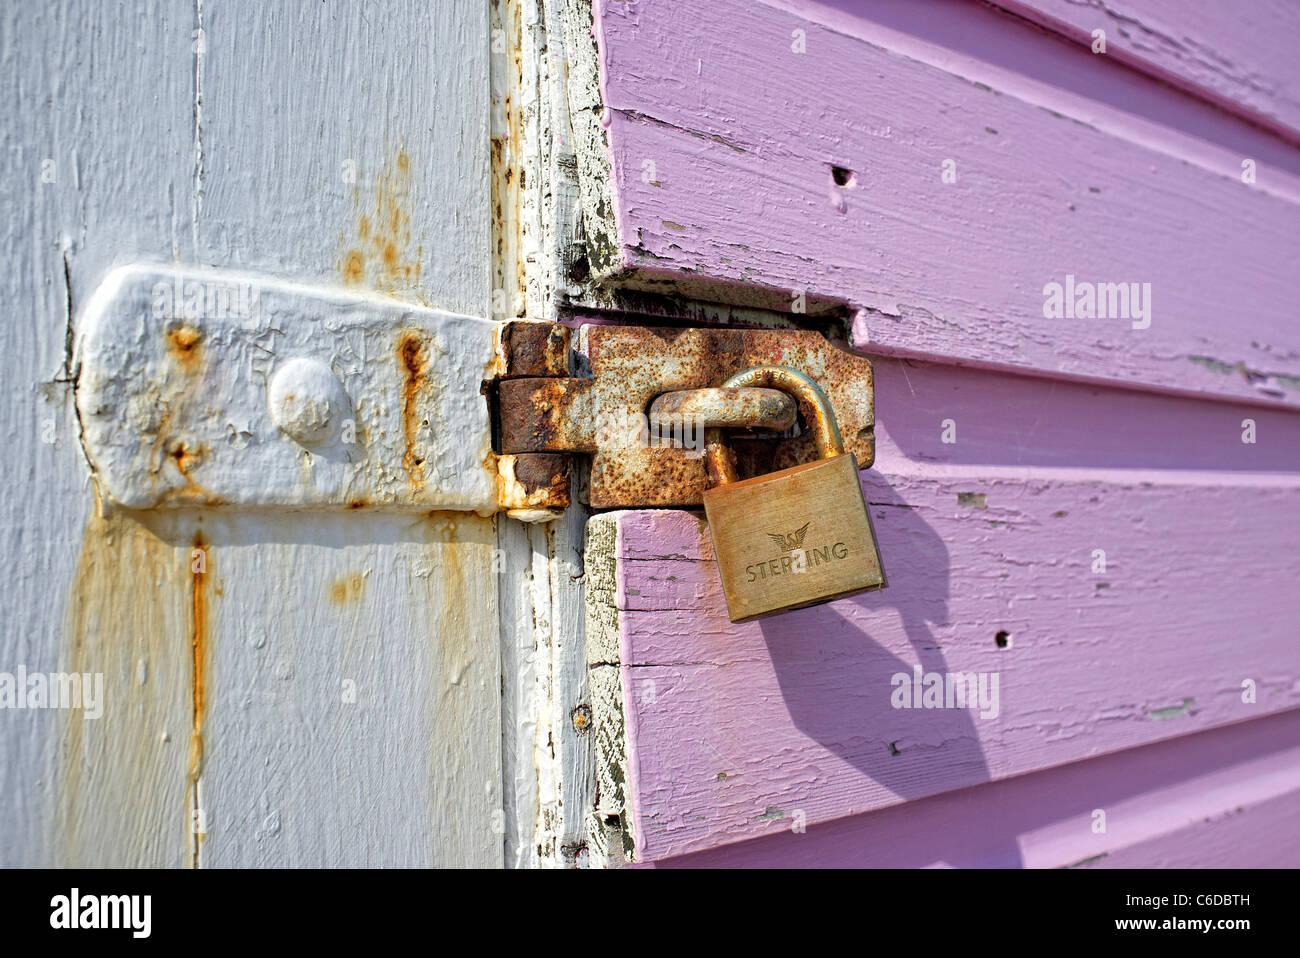 Cadenas sur une porte en bois peint. Photo Stock